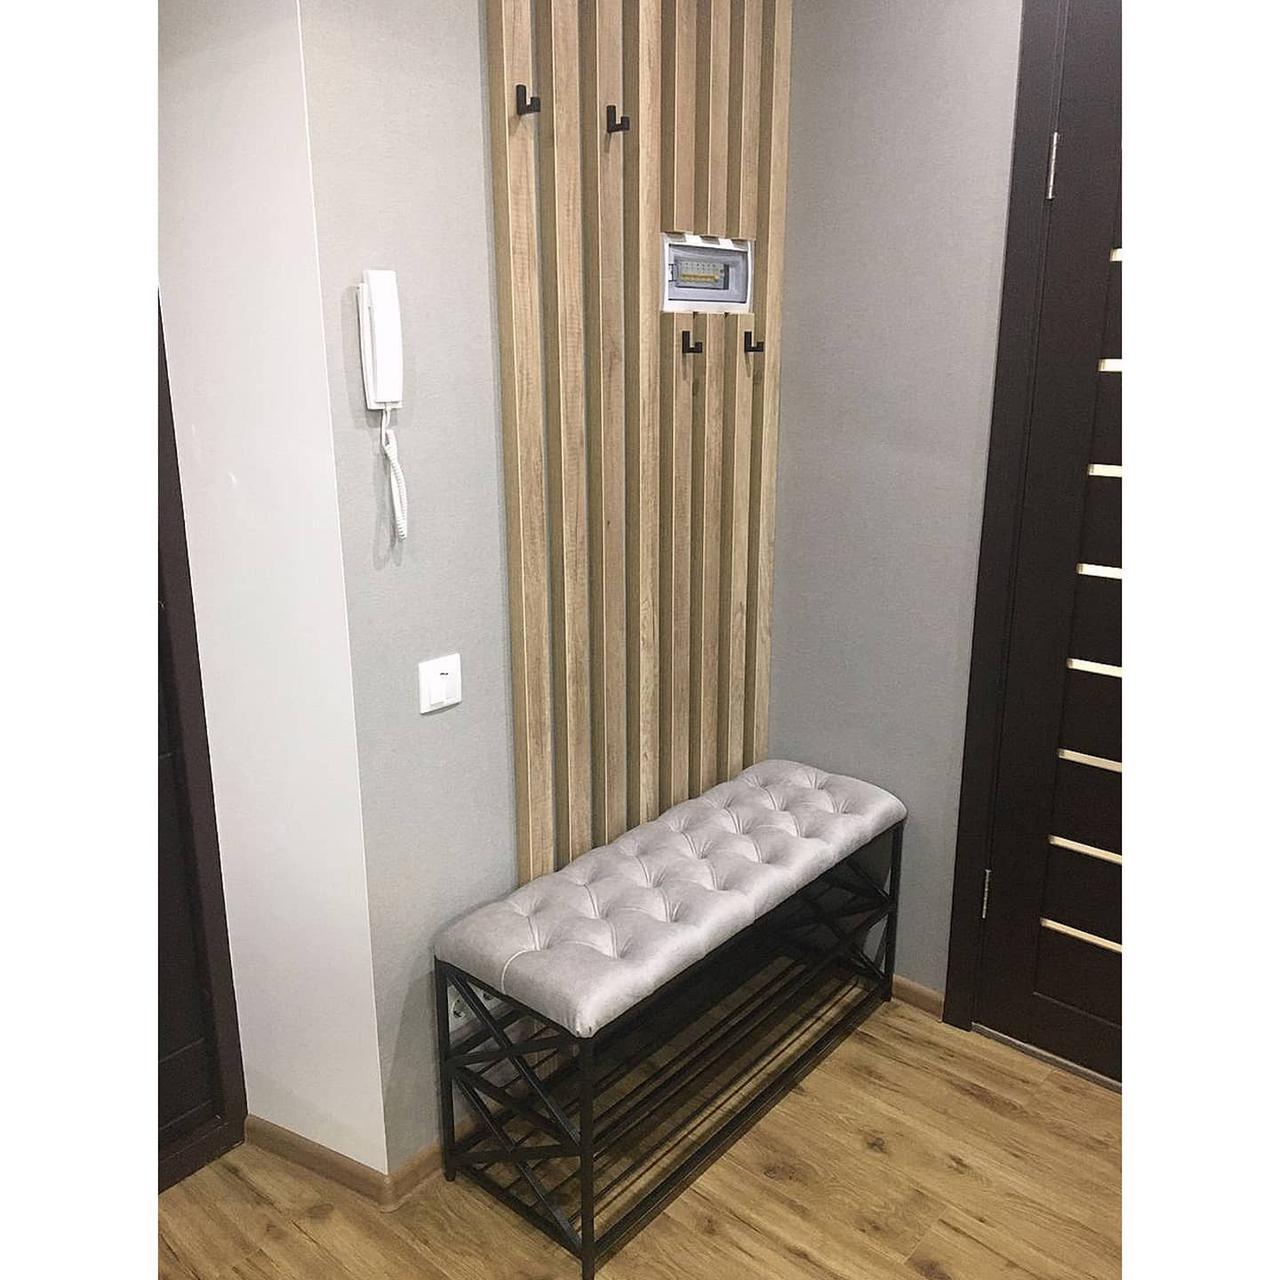 Банкеткa - Пуф в стиле Loft, каретная стяжка ( 2 полочки) 100 см